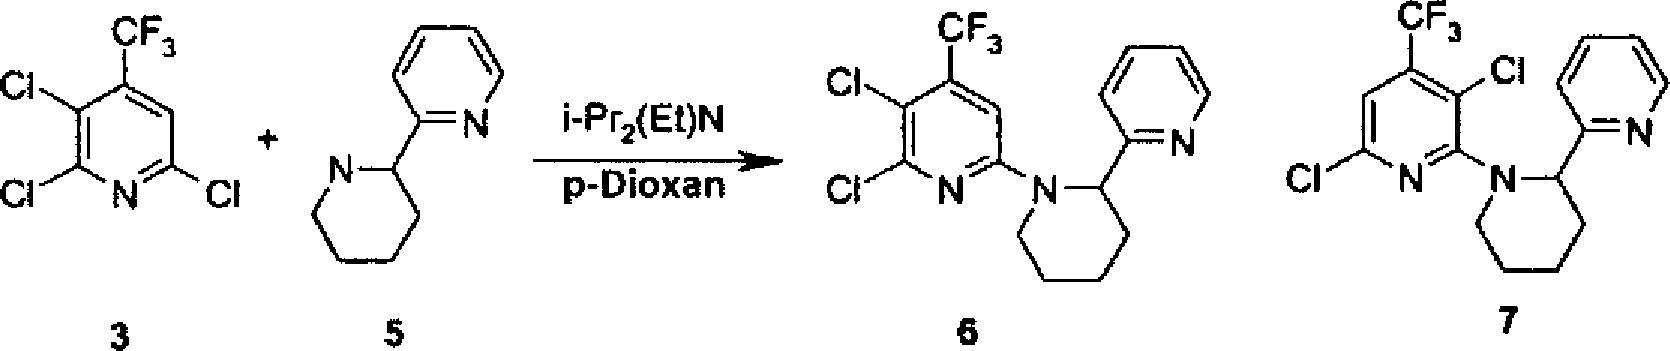 DE112010001898T5 - insecticides pyridine - Google Patents